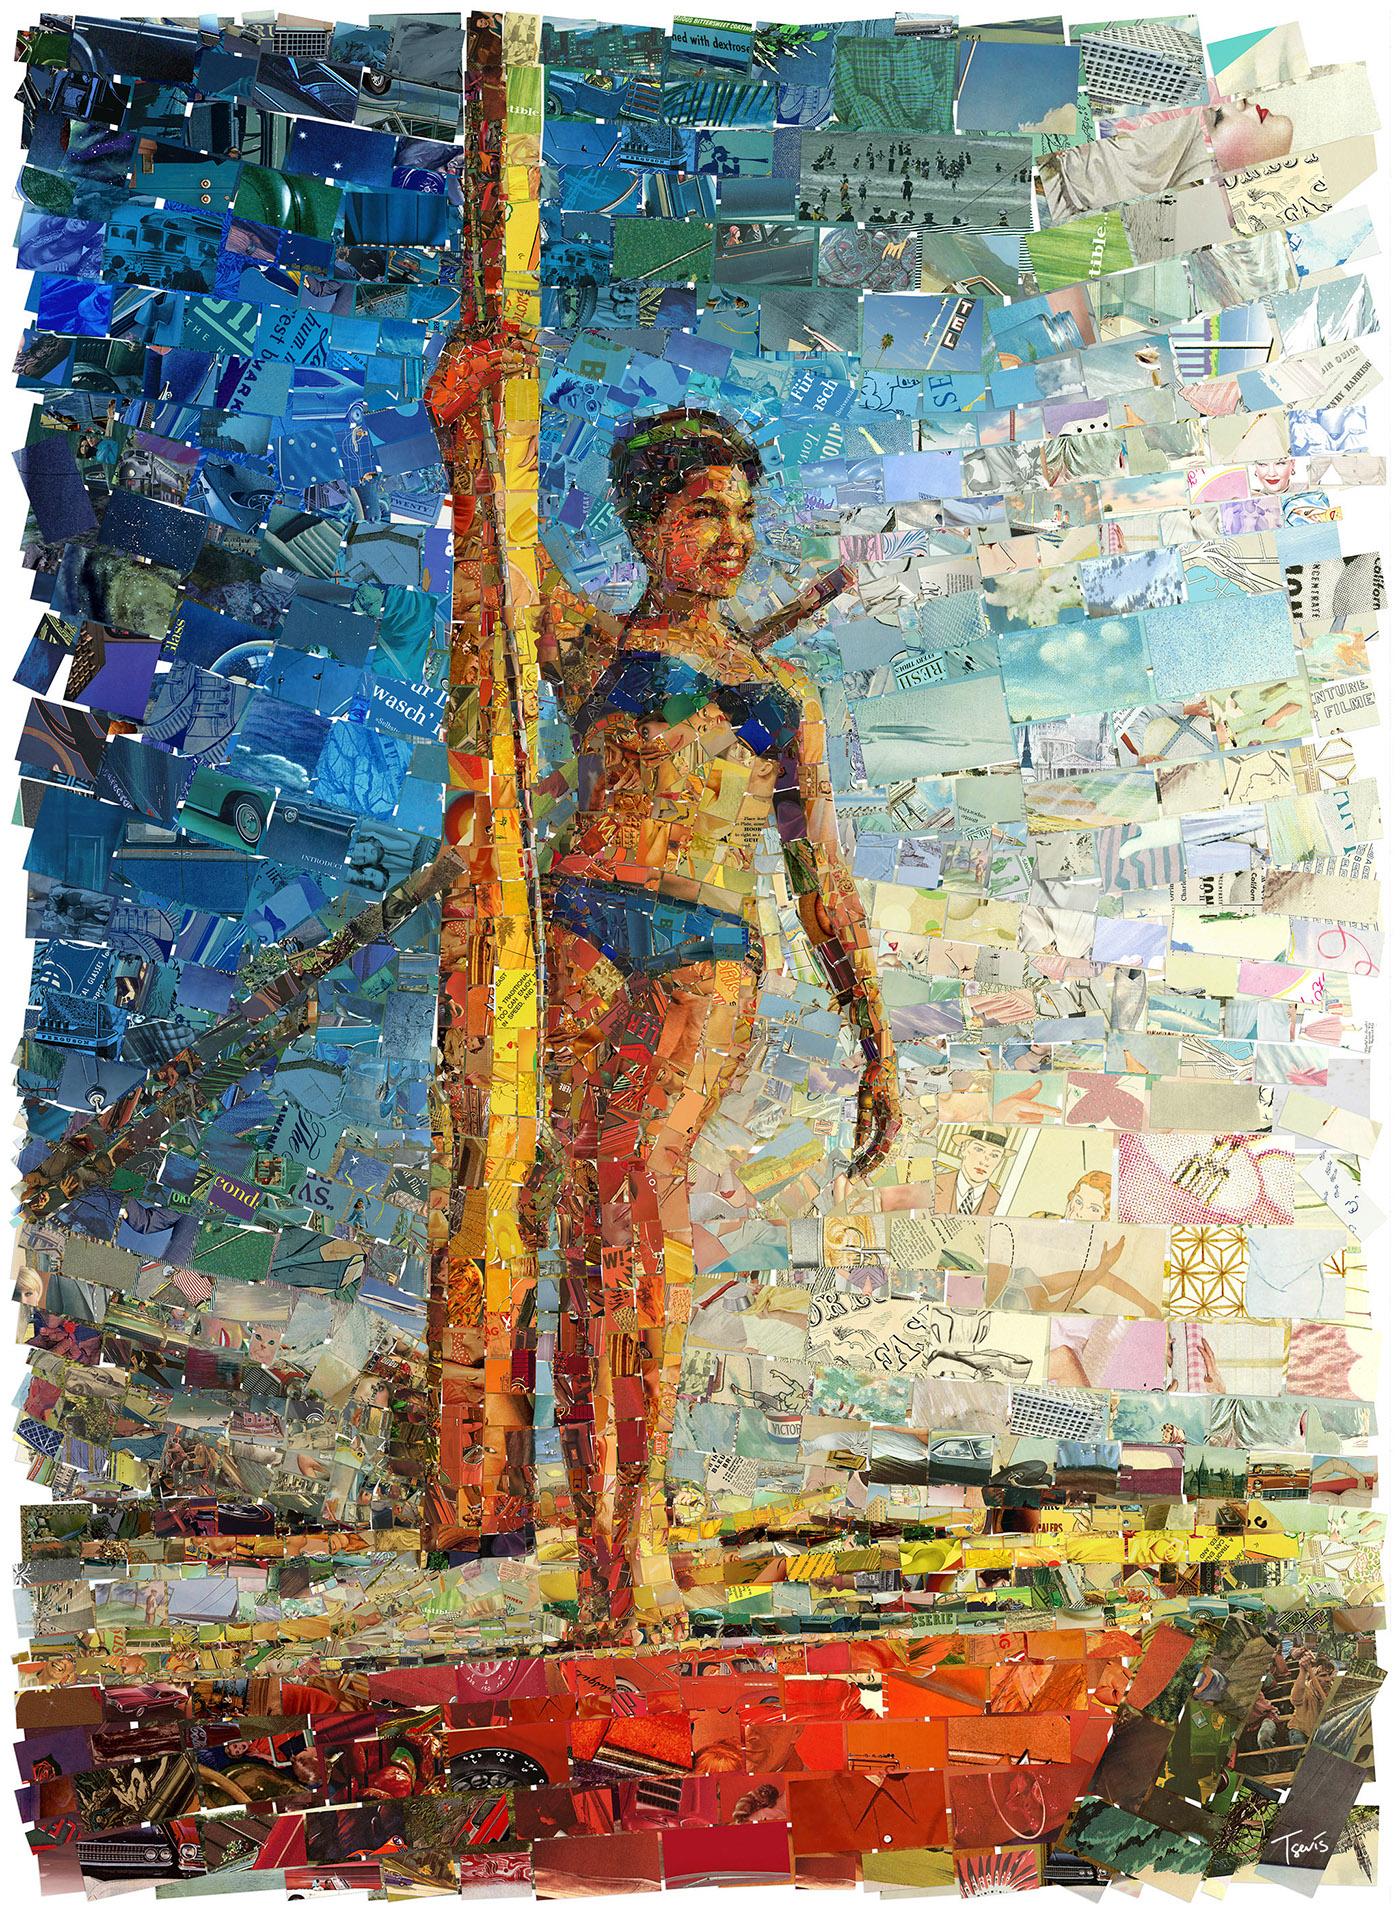 photomosaic,mosaics,ephemera,Advertising ,collage